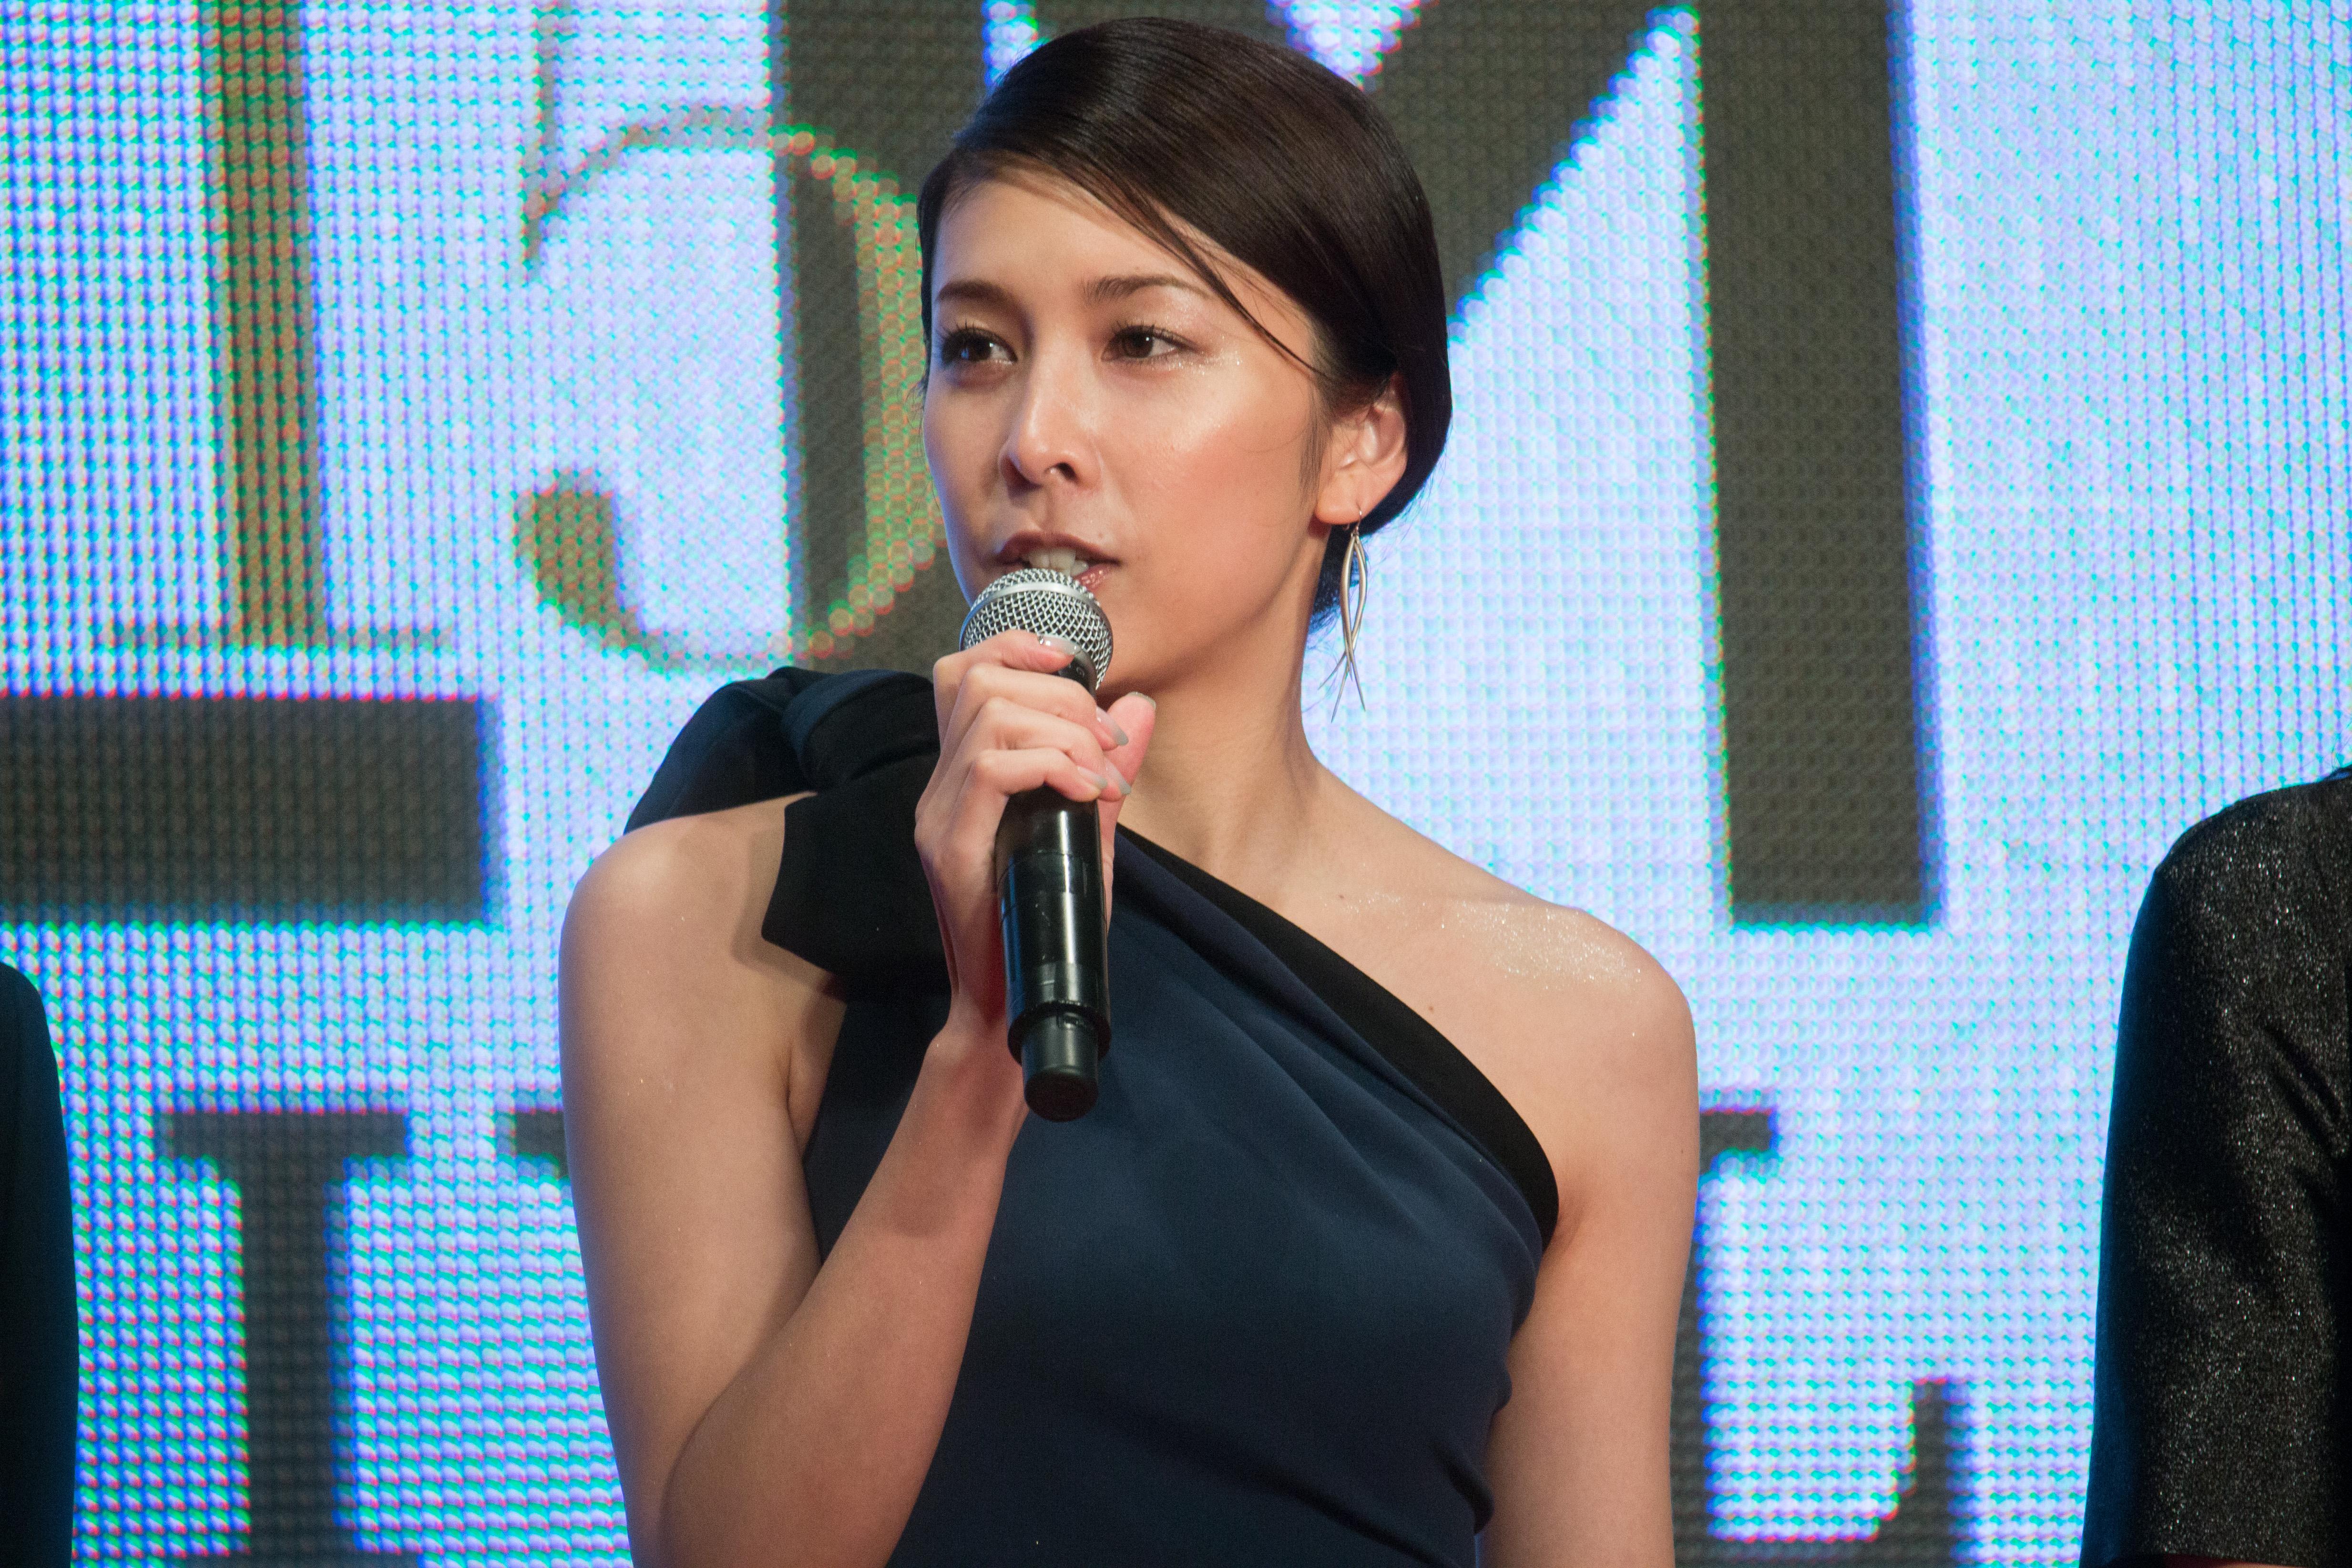 yuko takeuchi - photo #20